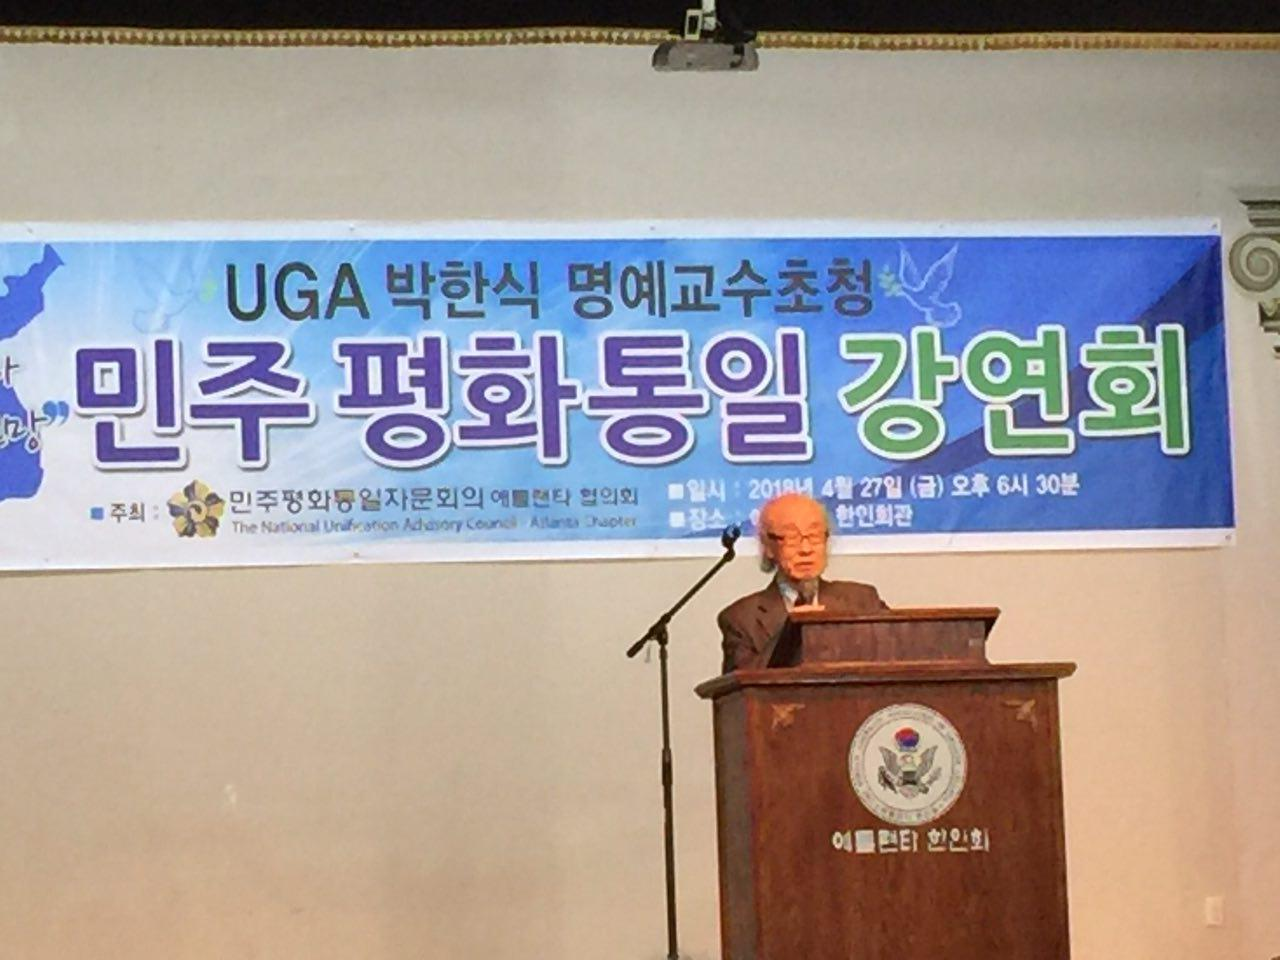 박한식 교수 통일강연회 4월 27일 애틀란타에서 열렸다